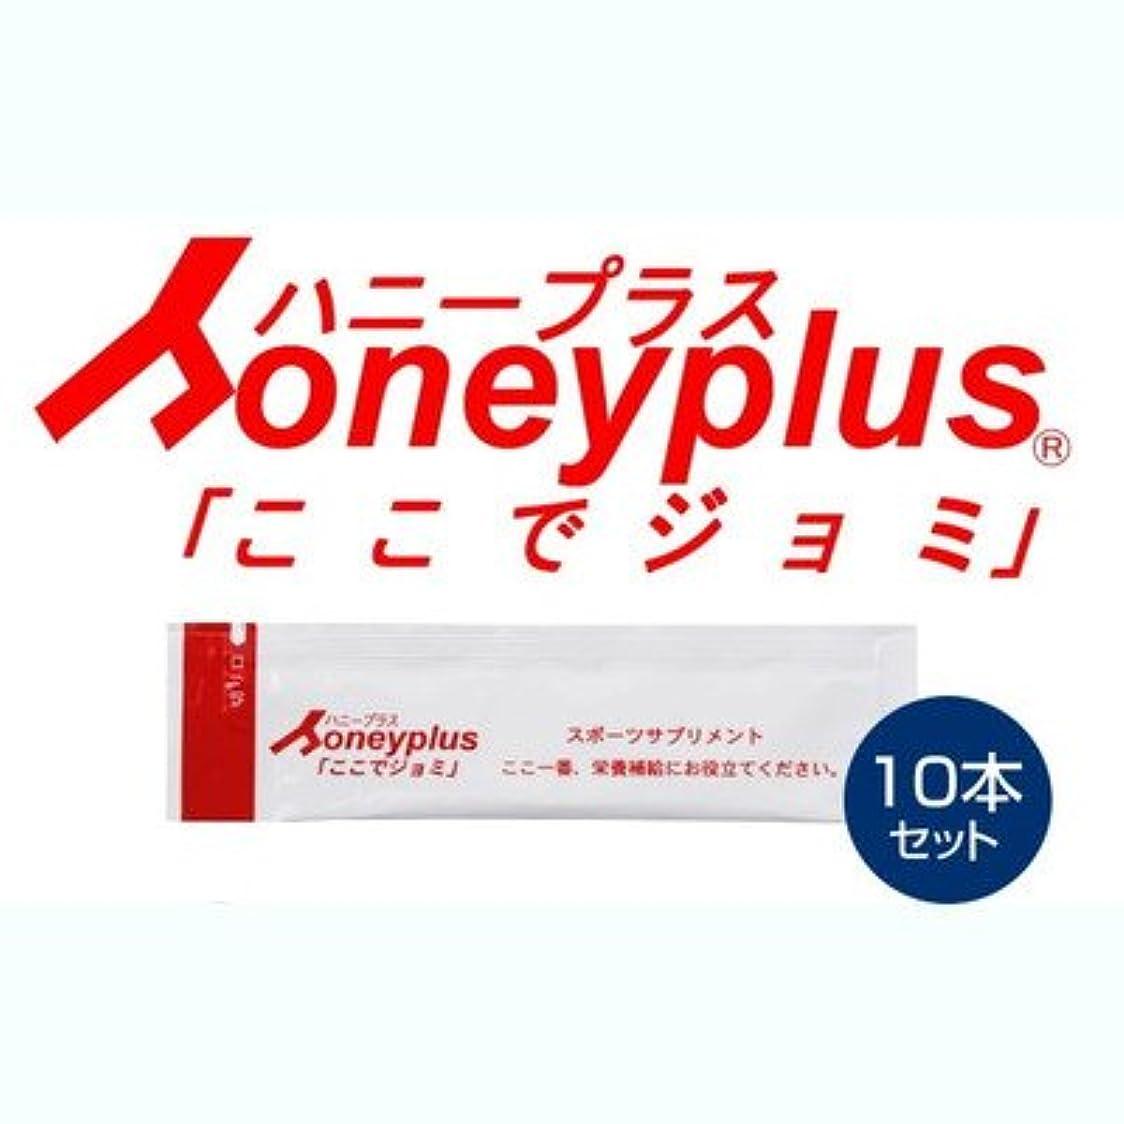 ハプニングシリーズ小売Honeyplus「ここでジョミ」10本セット 運動時に摂るスポーツサプリメント